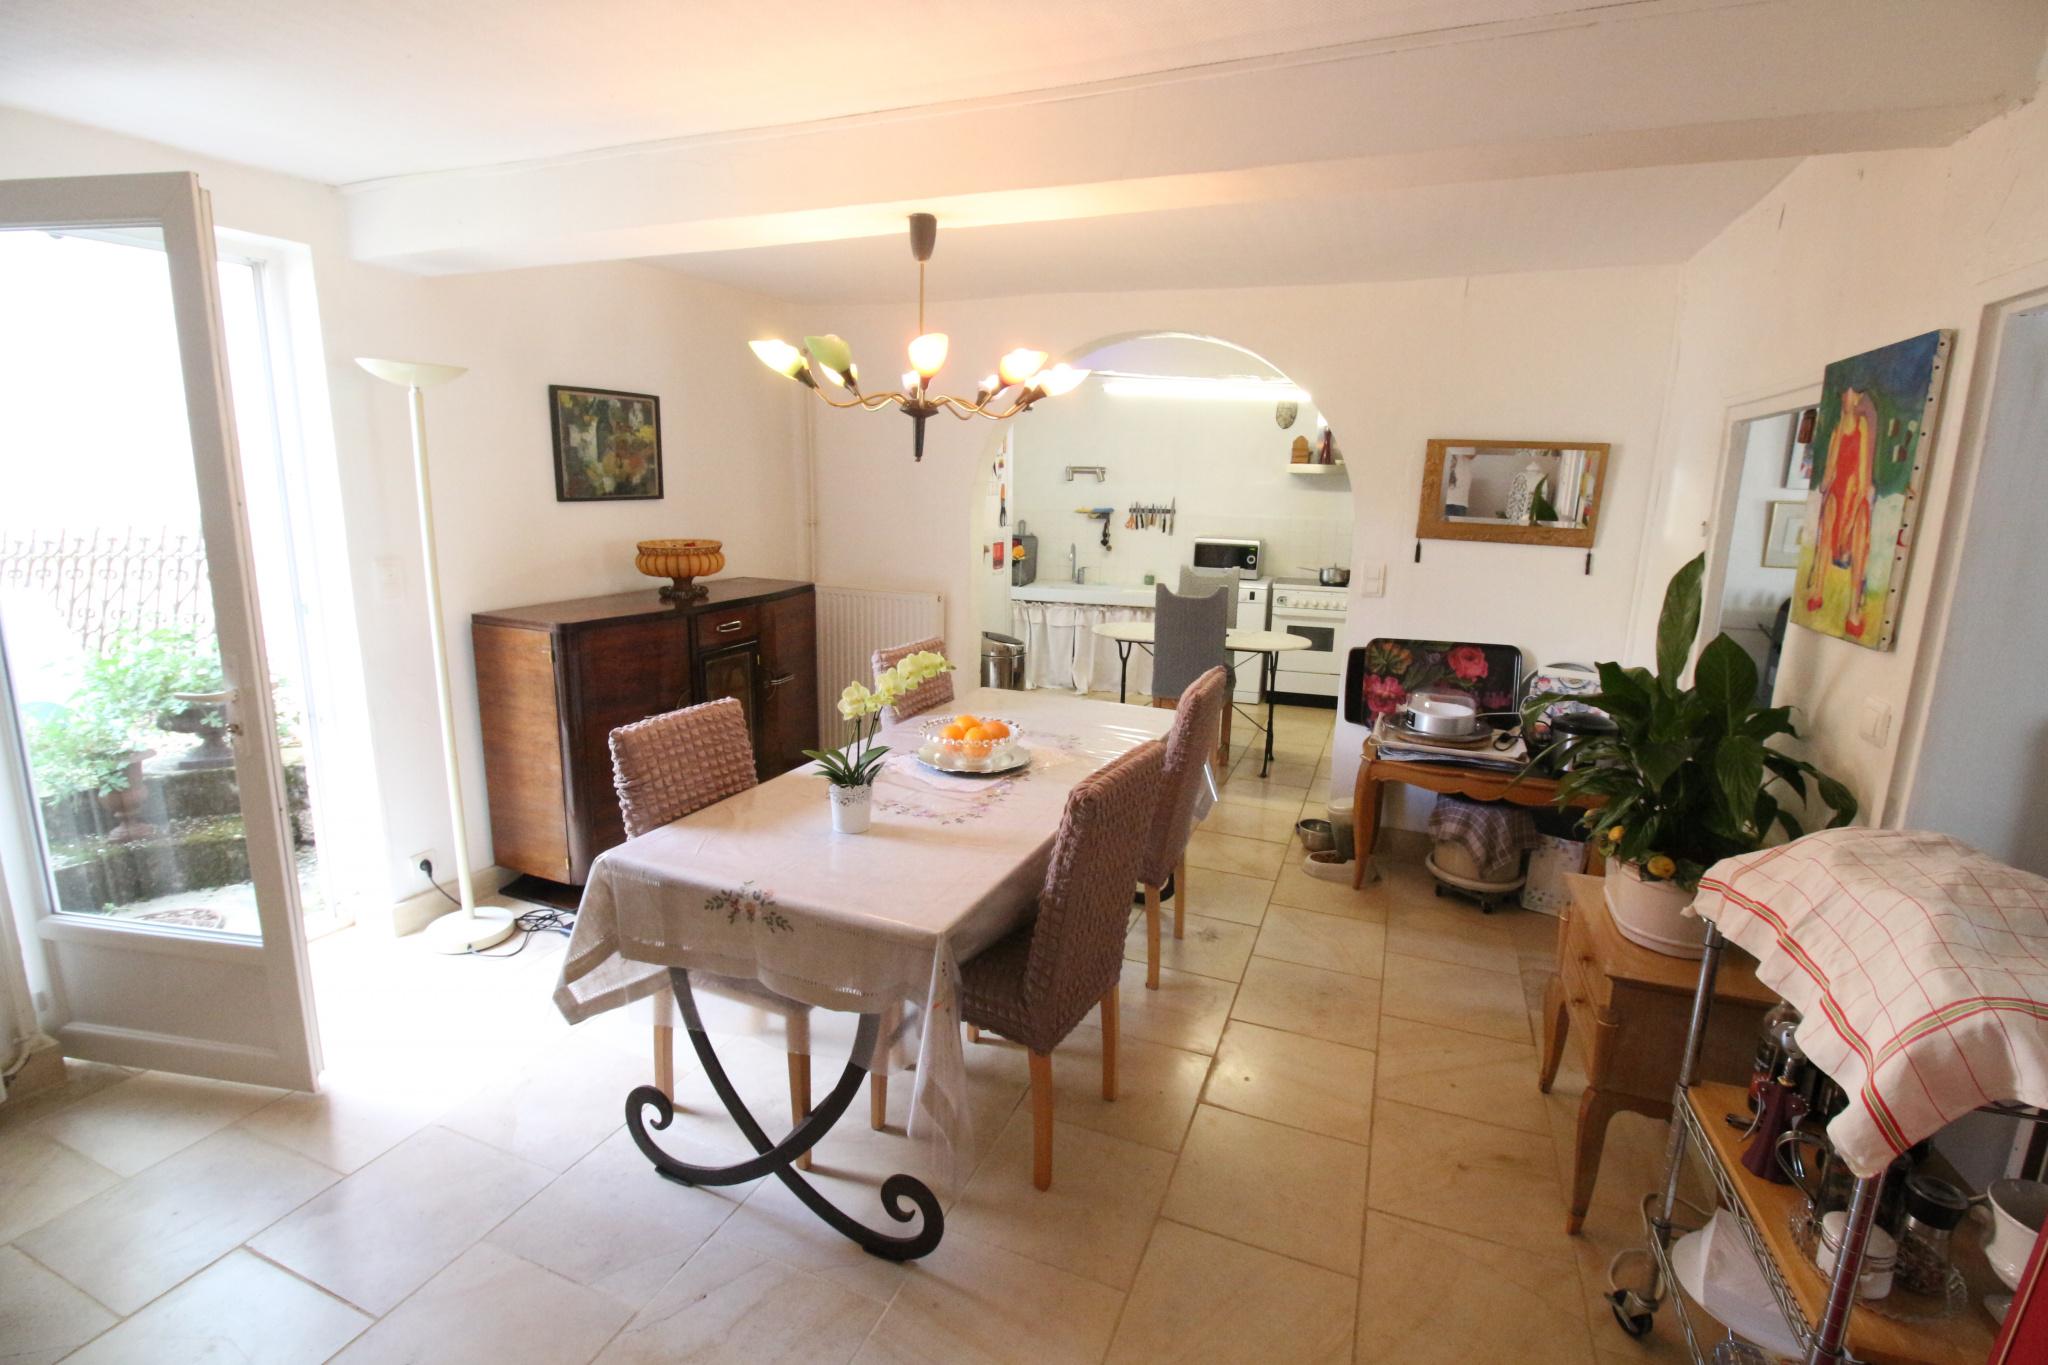 Vente maison/villa pourlans